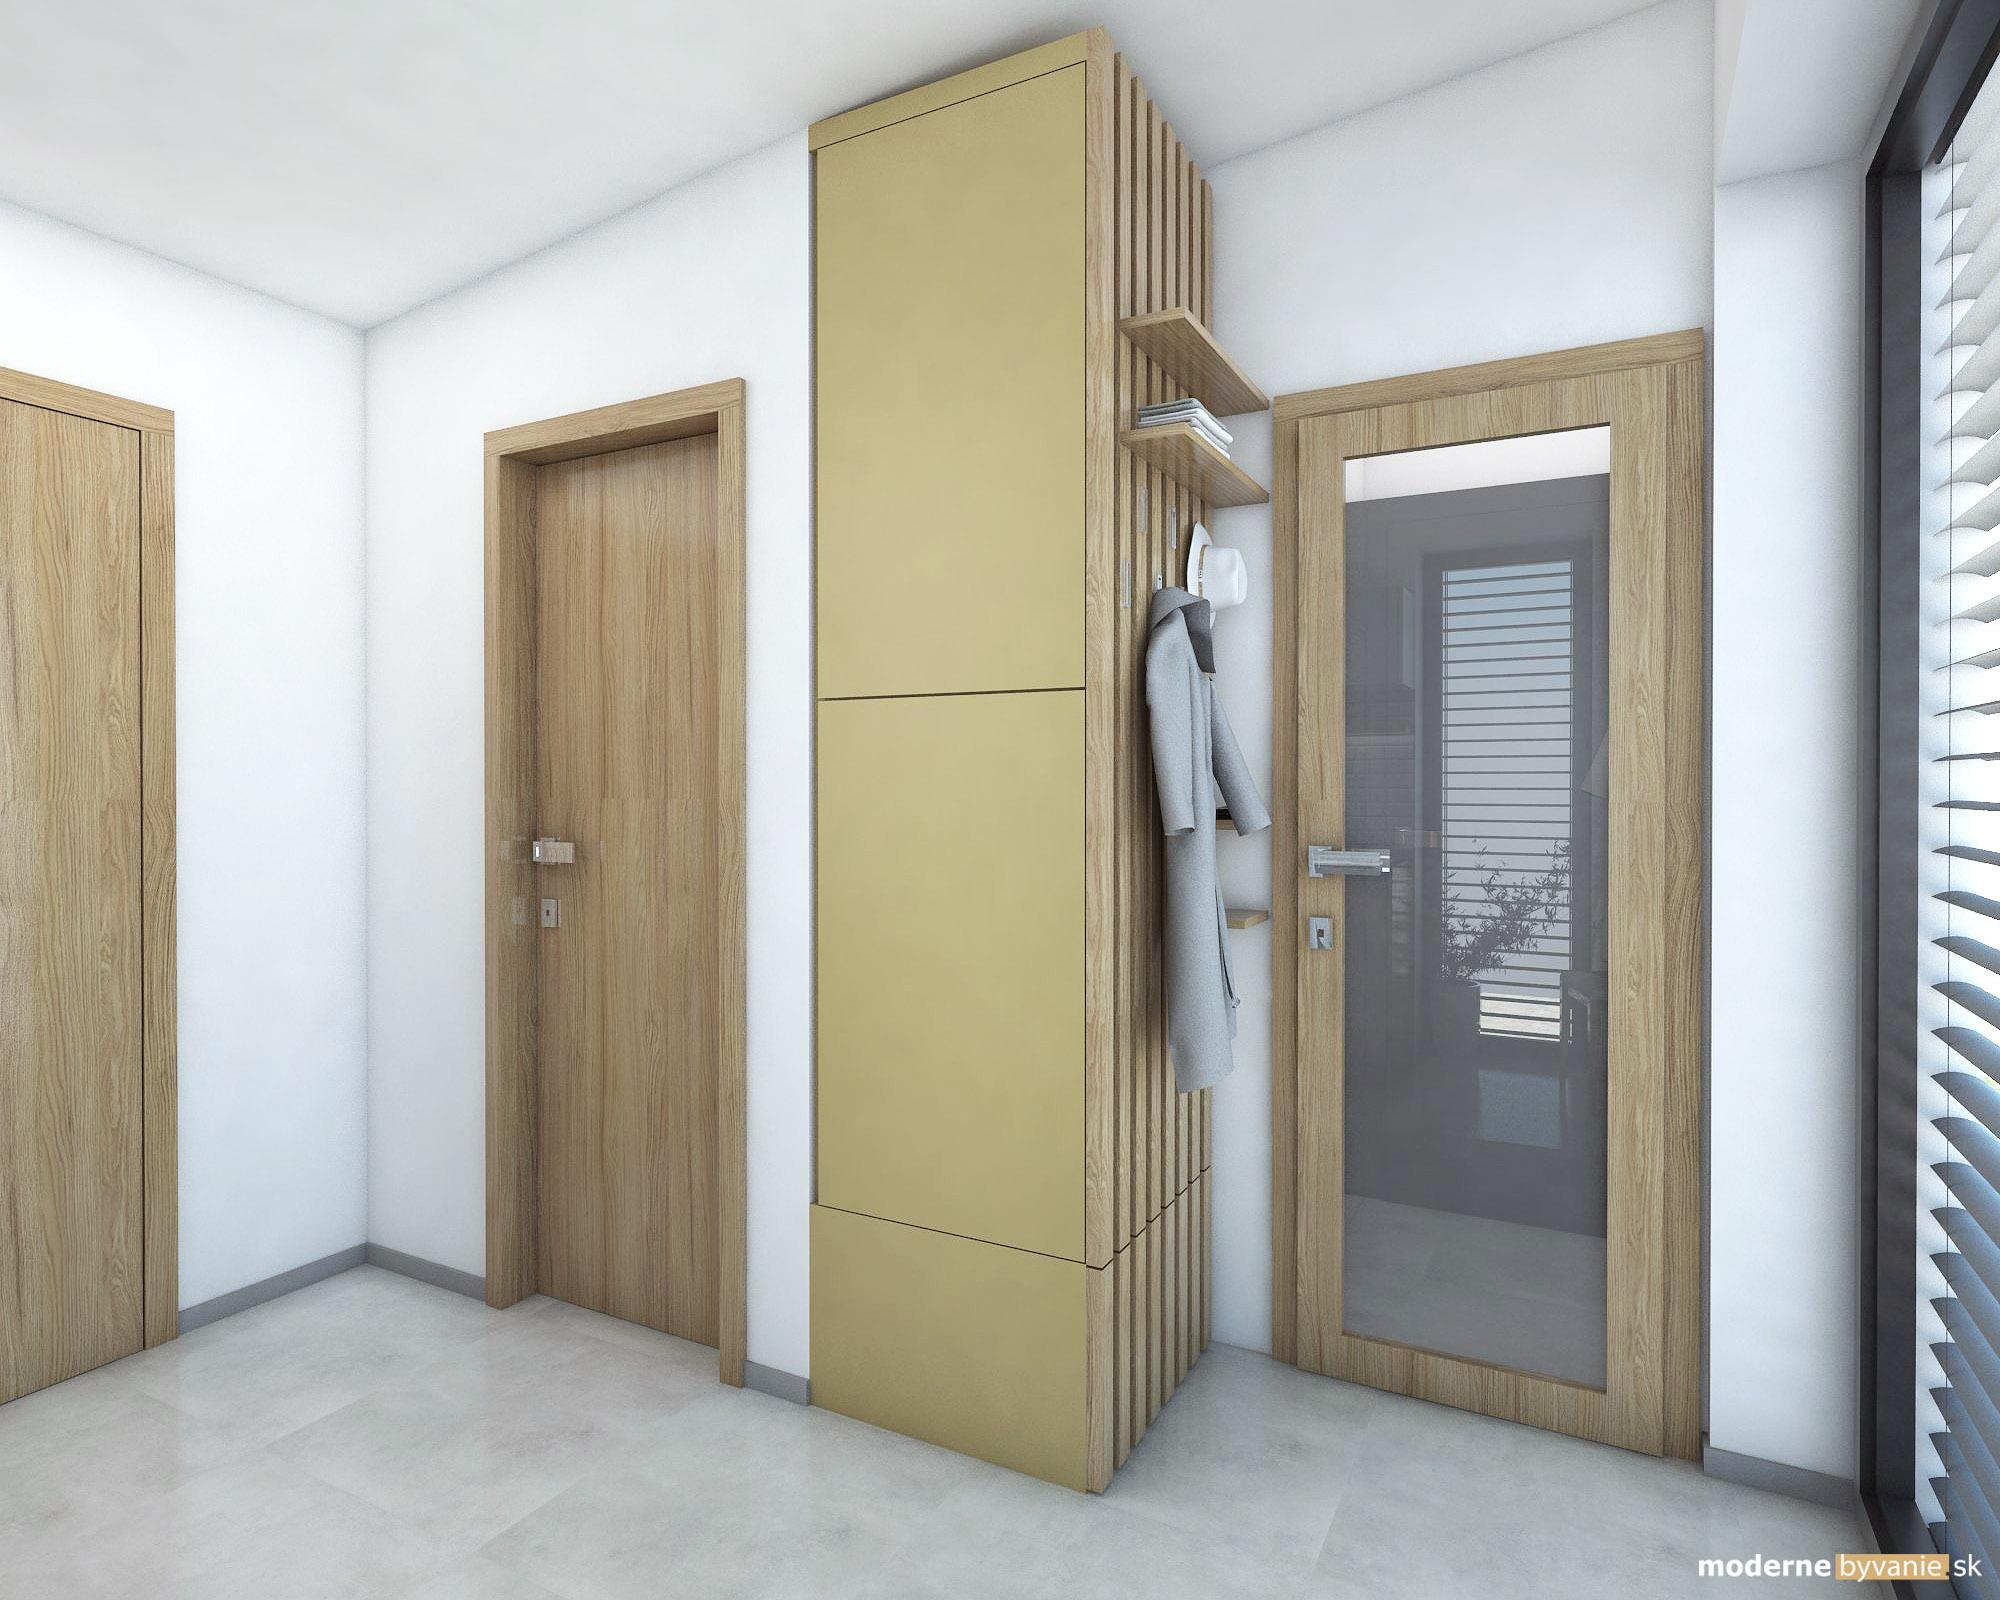 Návrh interiéru - Chodba - Dobrý interiérový architekt aj záhradný domček navrhne